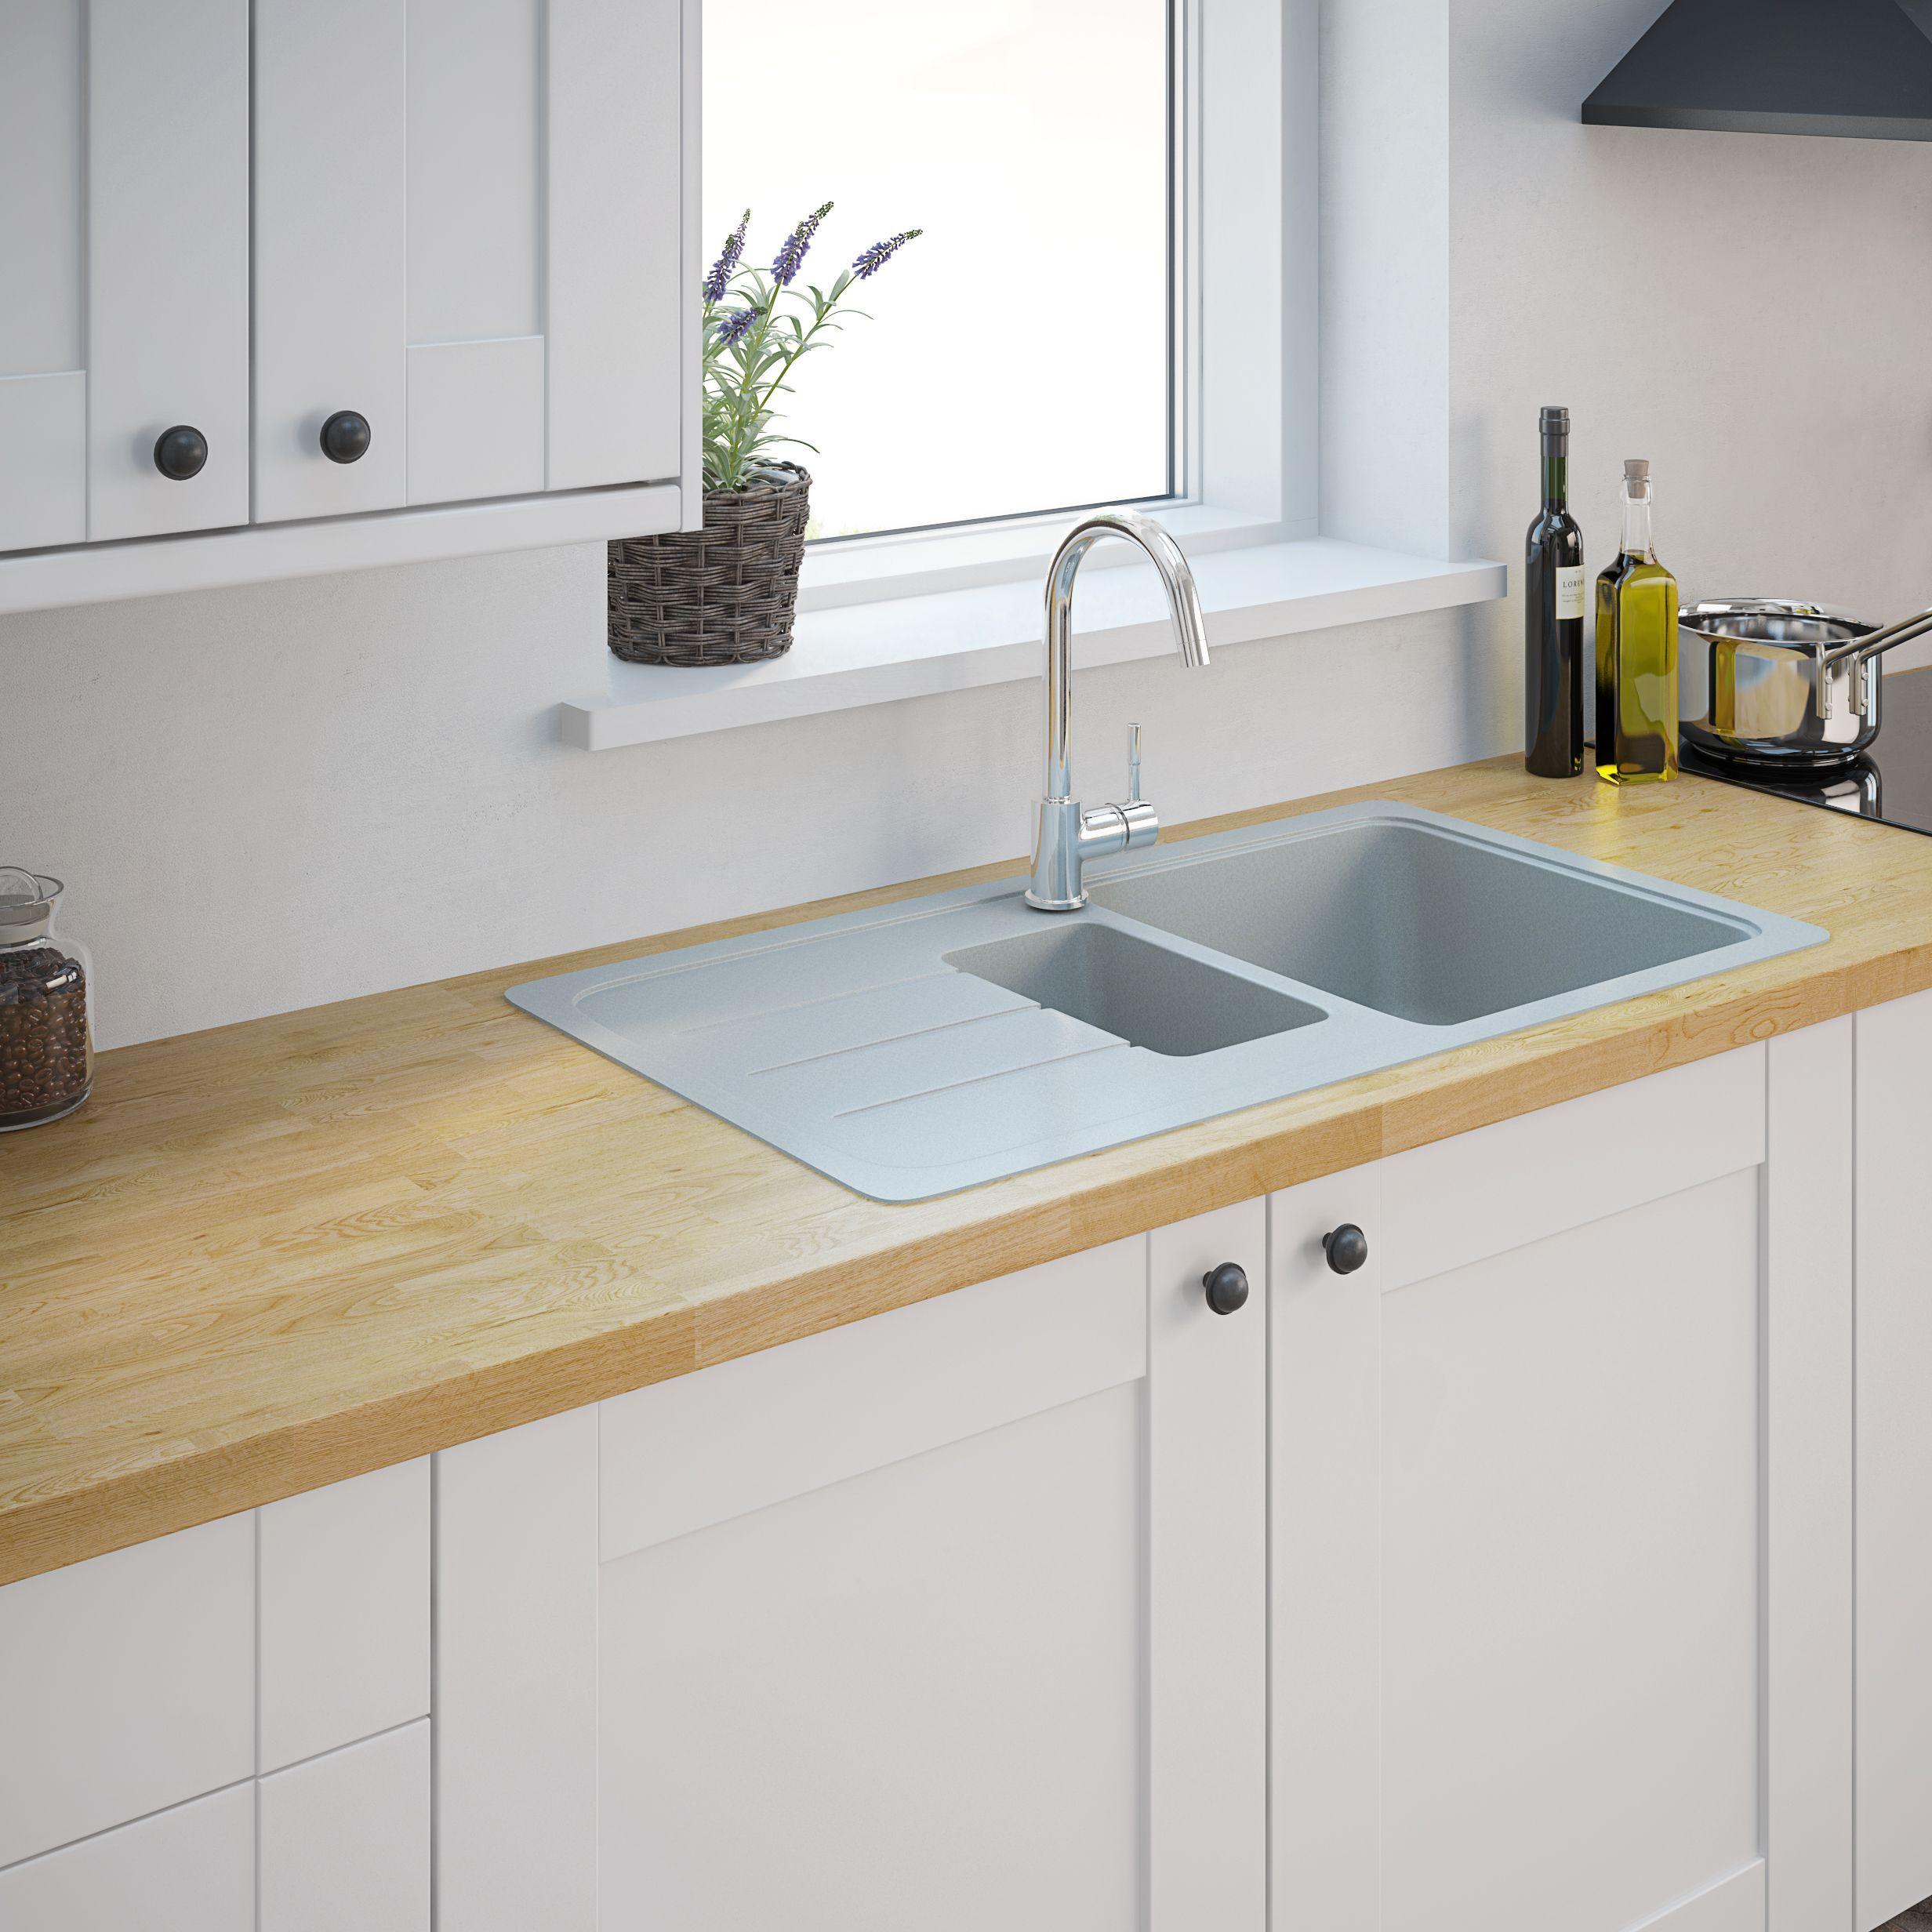 Kitchen Image By Natalie Glover In 2020 Sink Drainer Composite Kitchen Sinks Bowl Sink